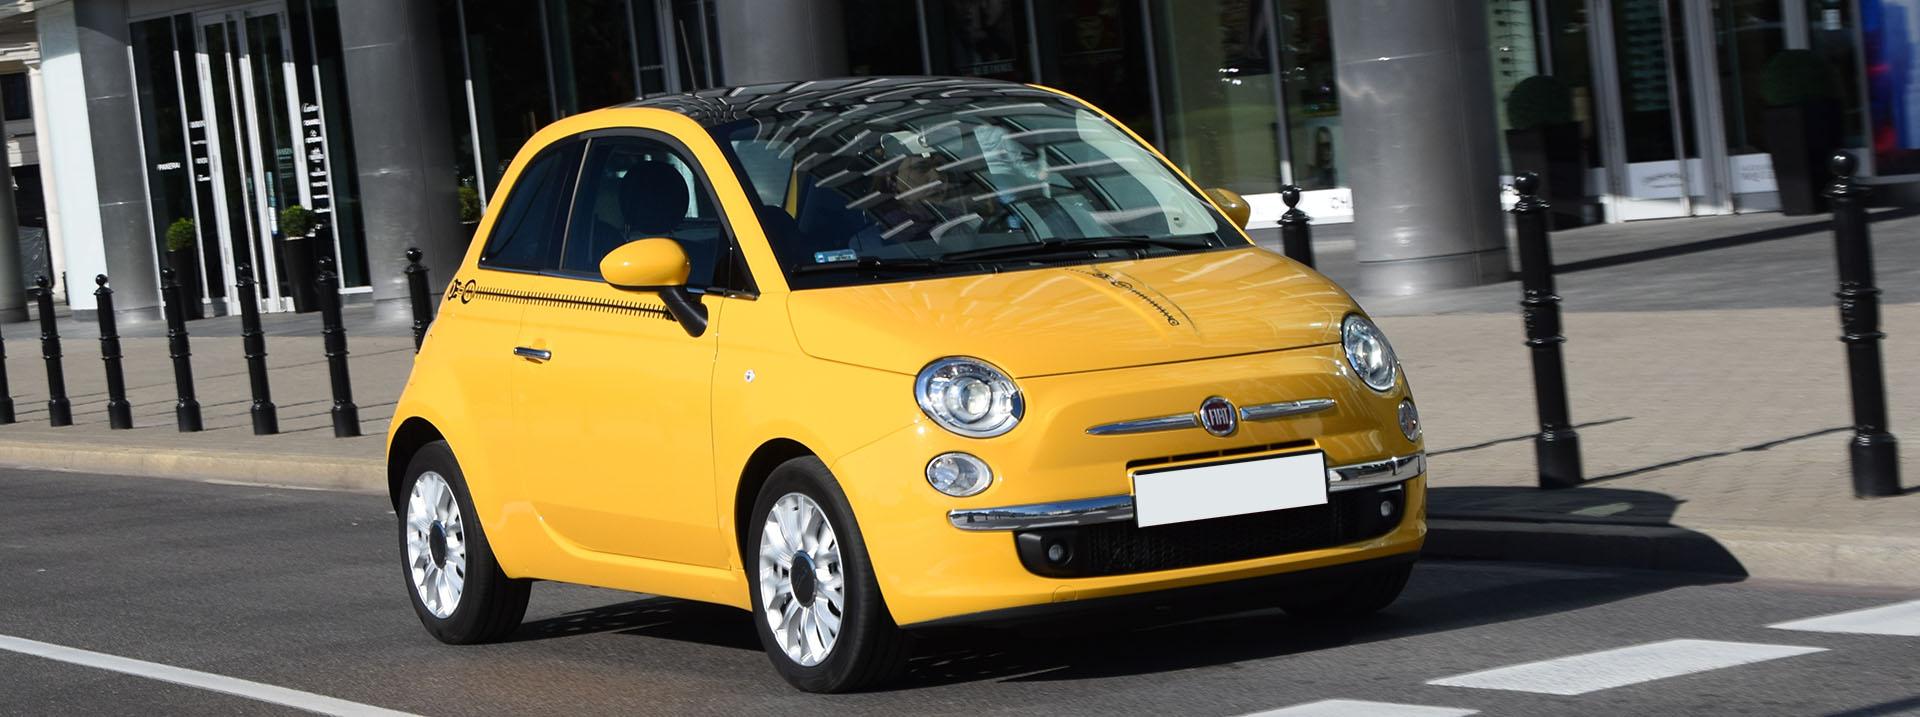 Fiat 500 Gebrauchtwagen bestellen